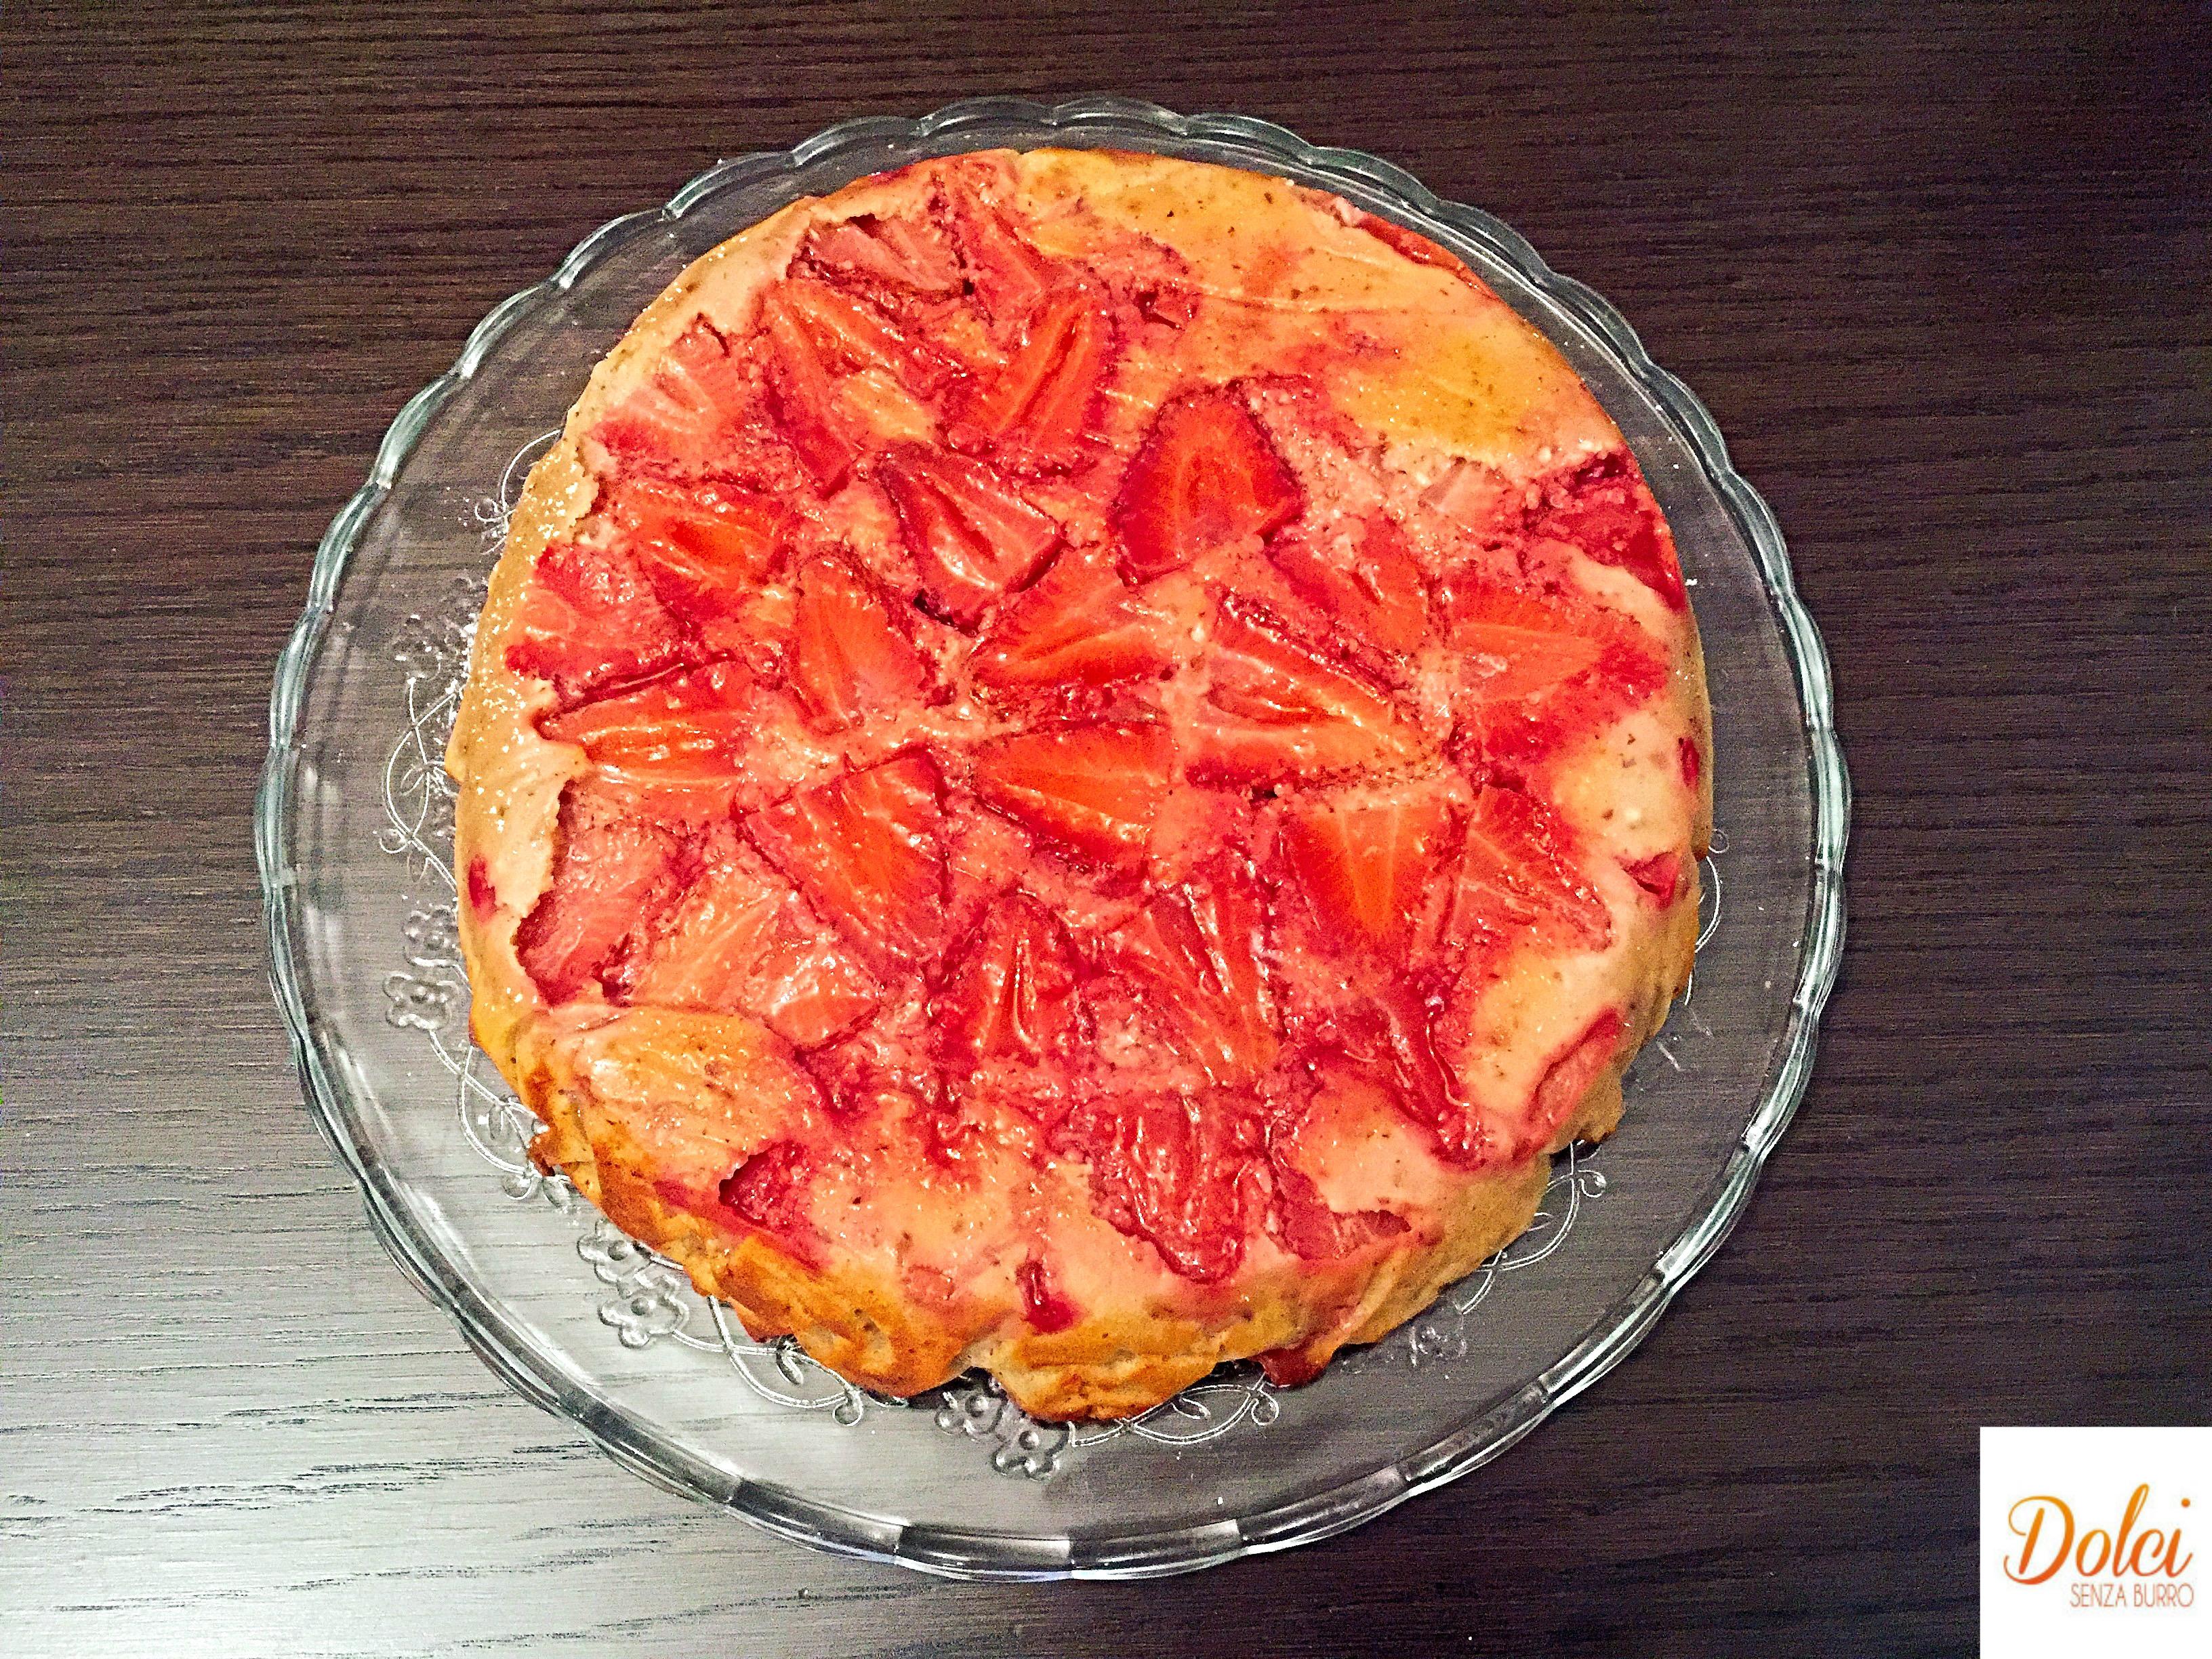 Torta Rovesciata alle Fragole Senza Burro, un dolce alle fragole facile e veloce ma soprattutto leggero di dolci senza burro